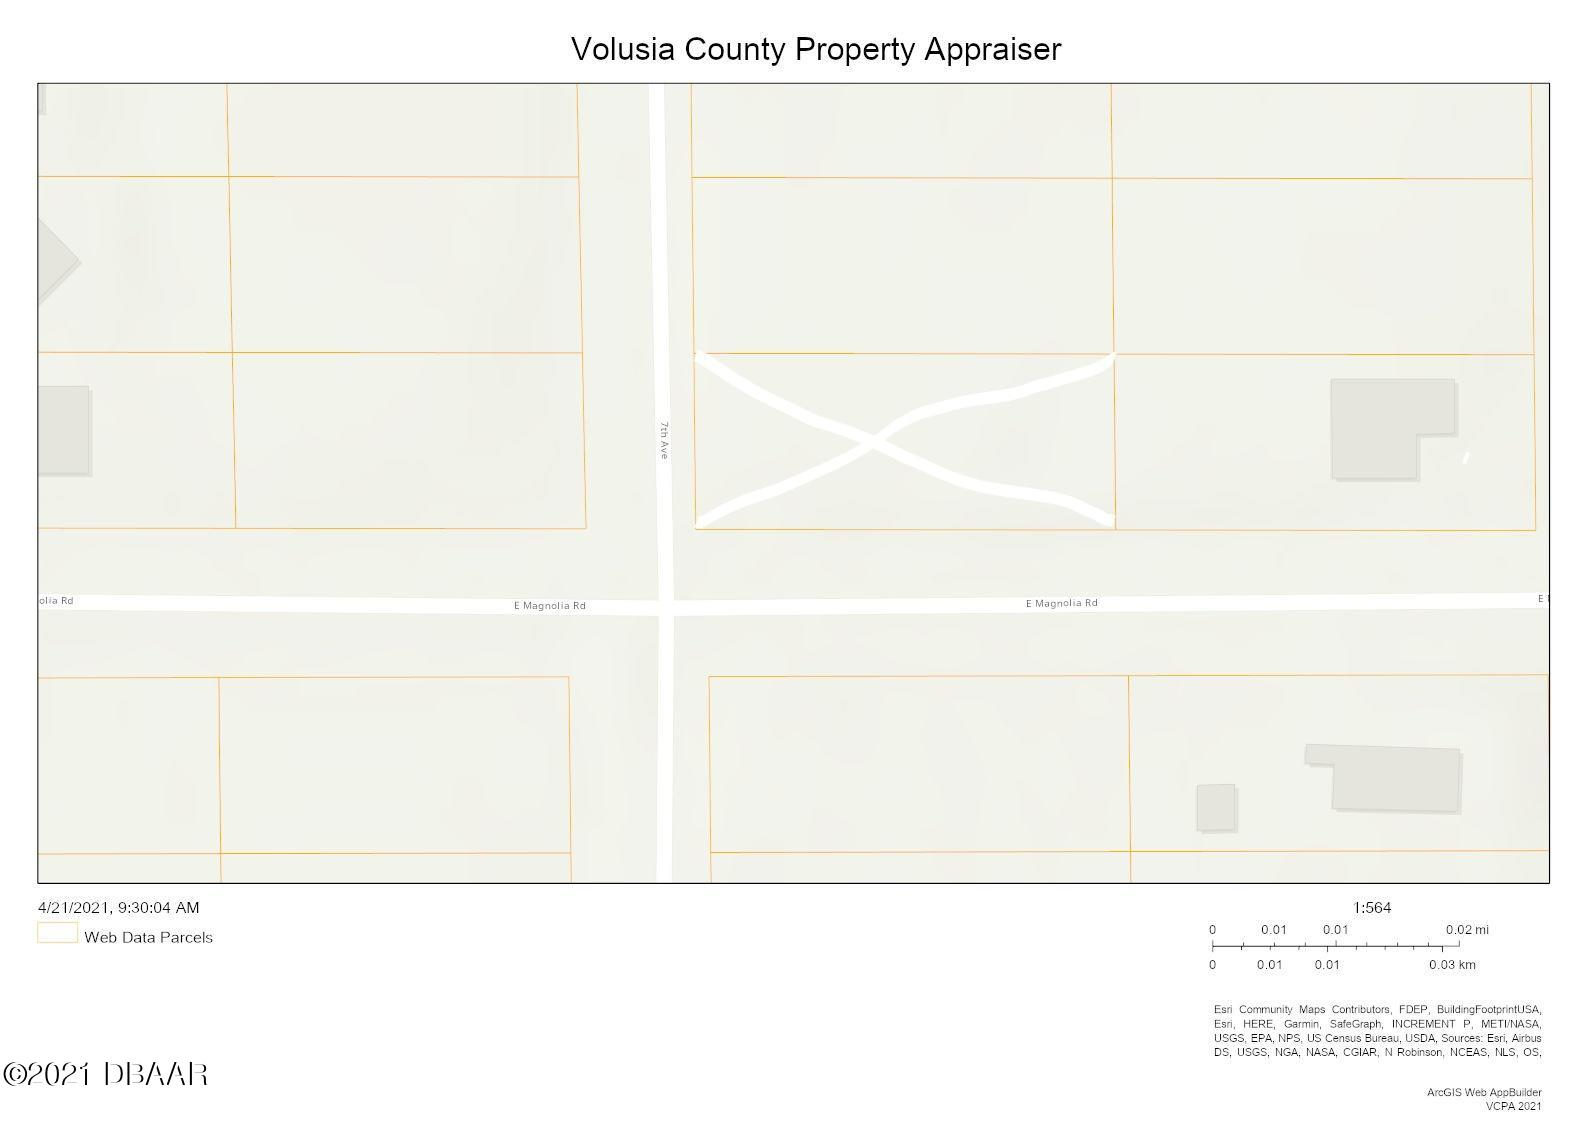 Details for 0 7th Avenue, DeLand, FL 32724